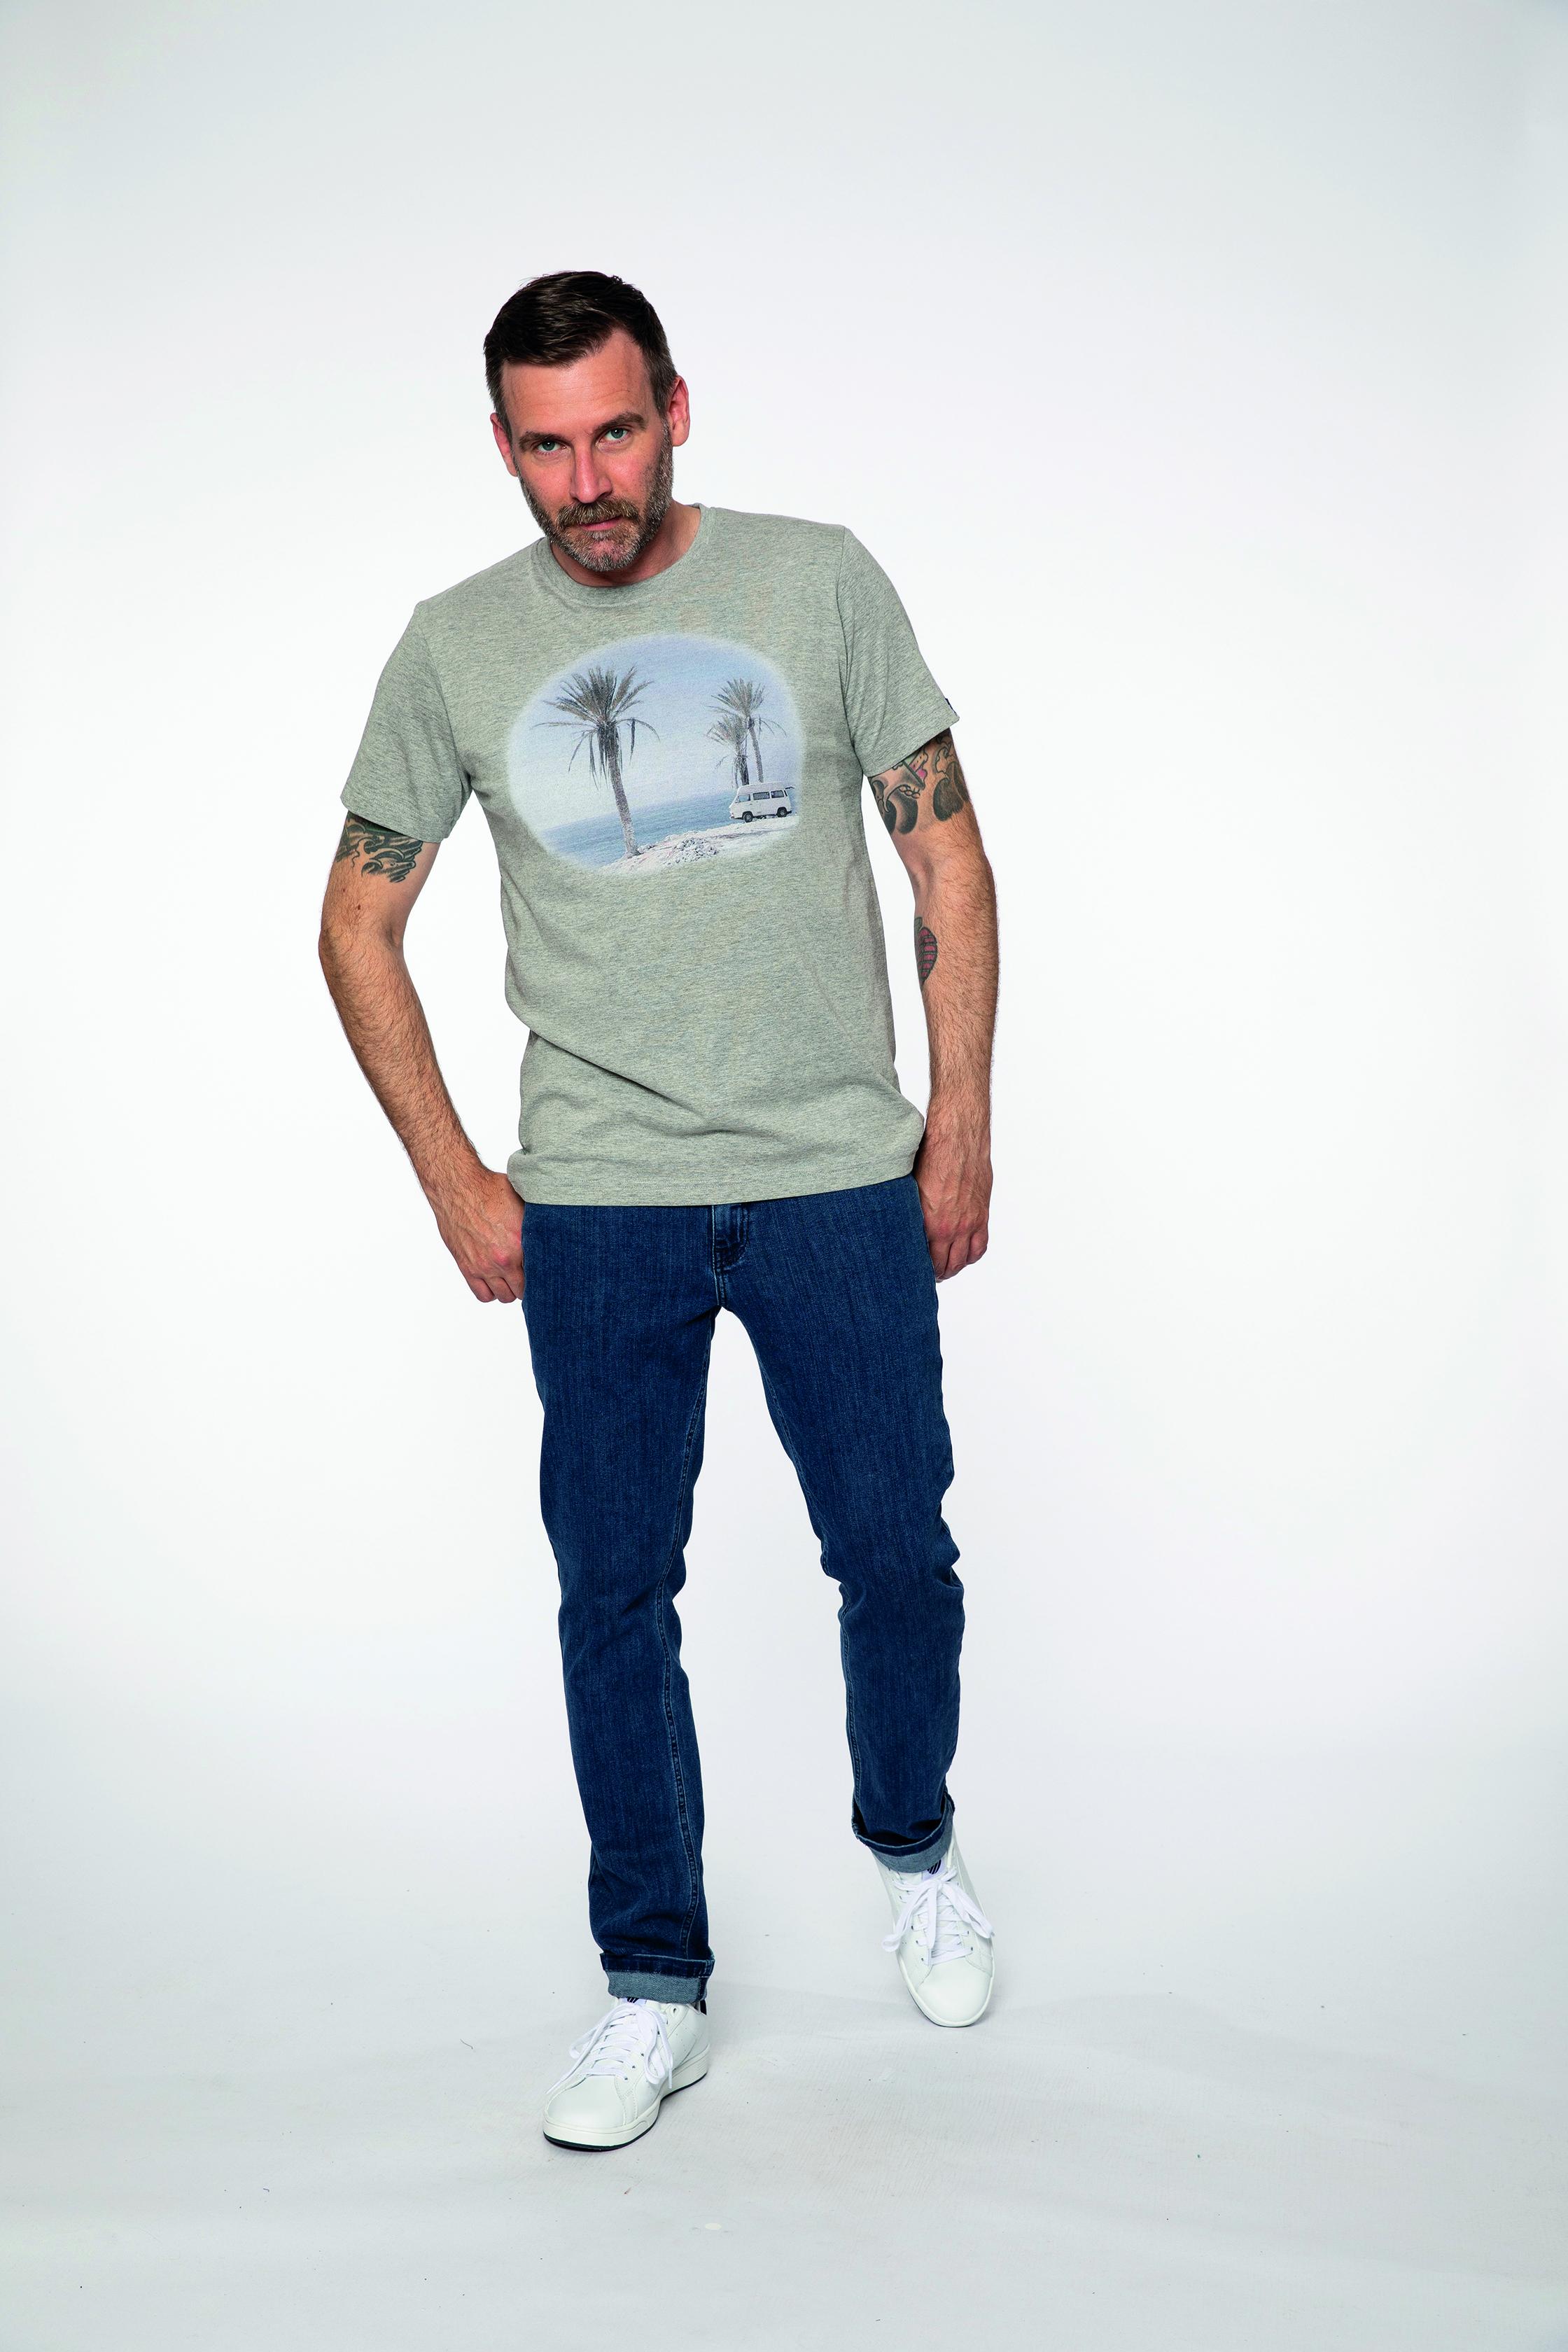 t-shirt:  IMPRESSIONS   denim pants:  COMPAGNON